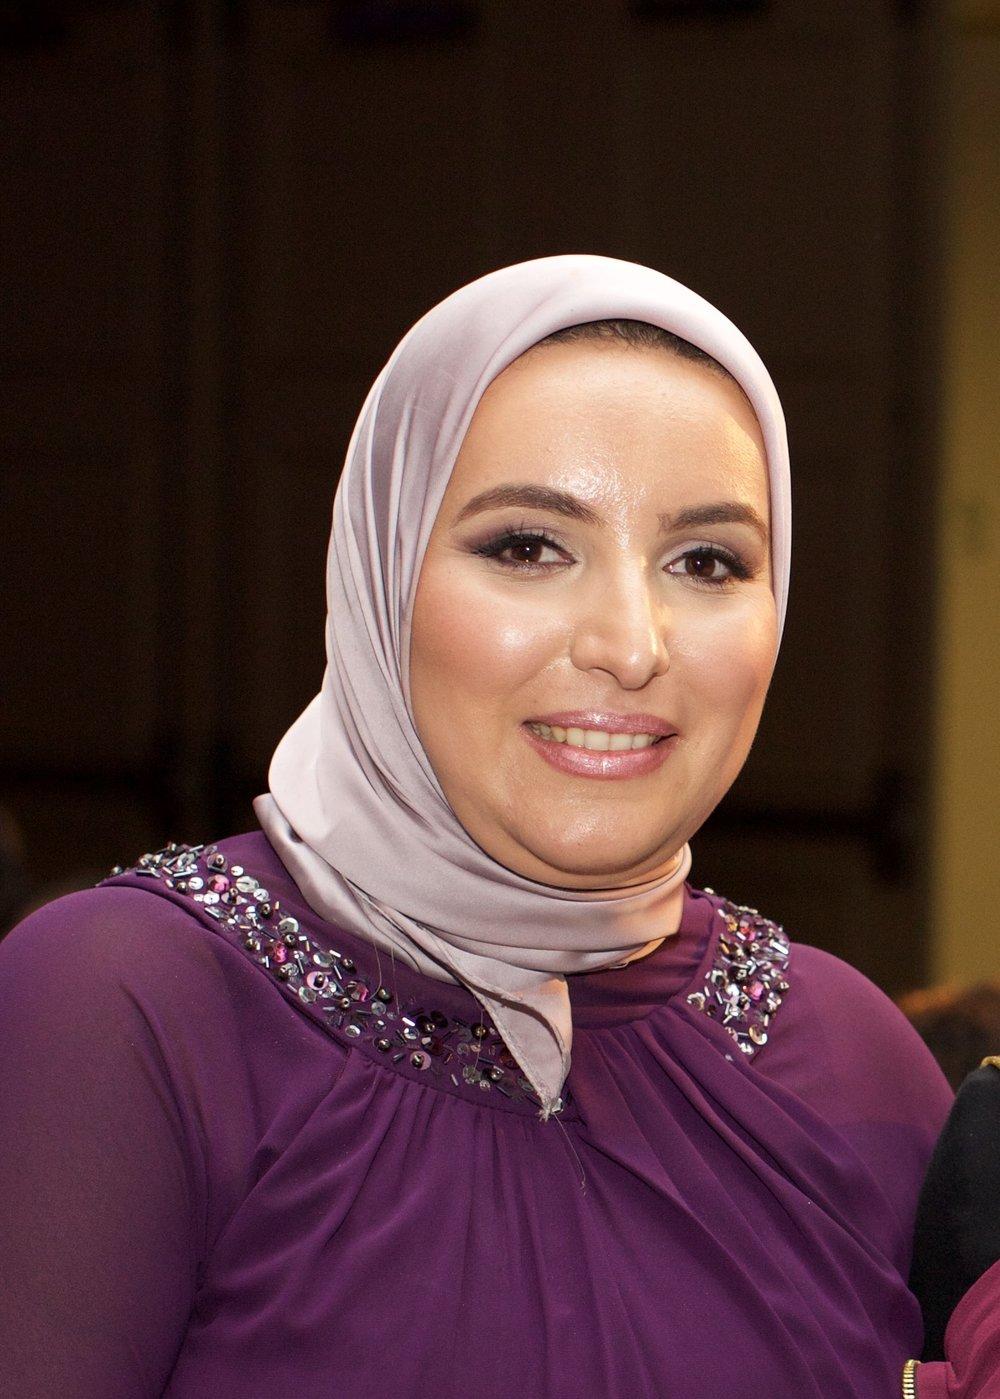 Essraa Nawar, Master of Ceremonies